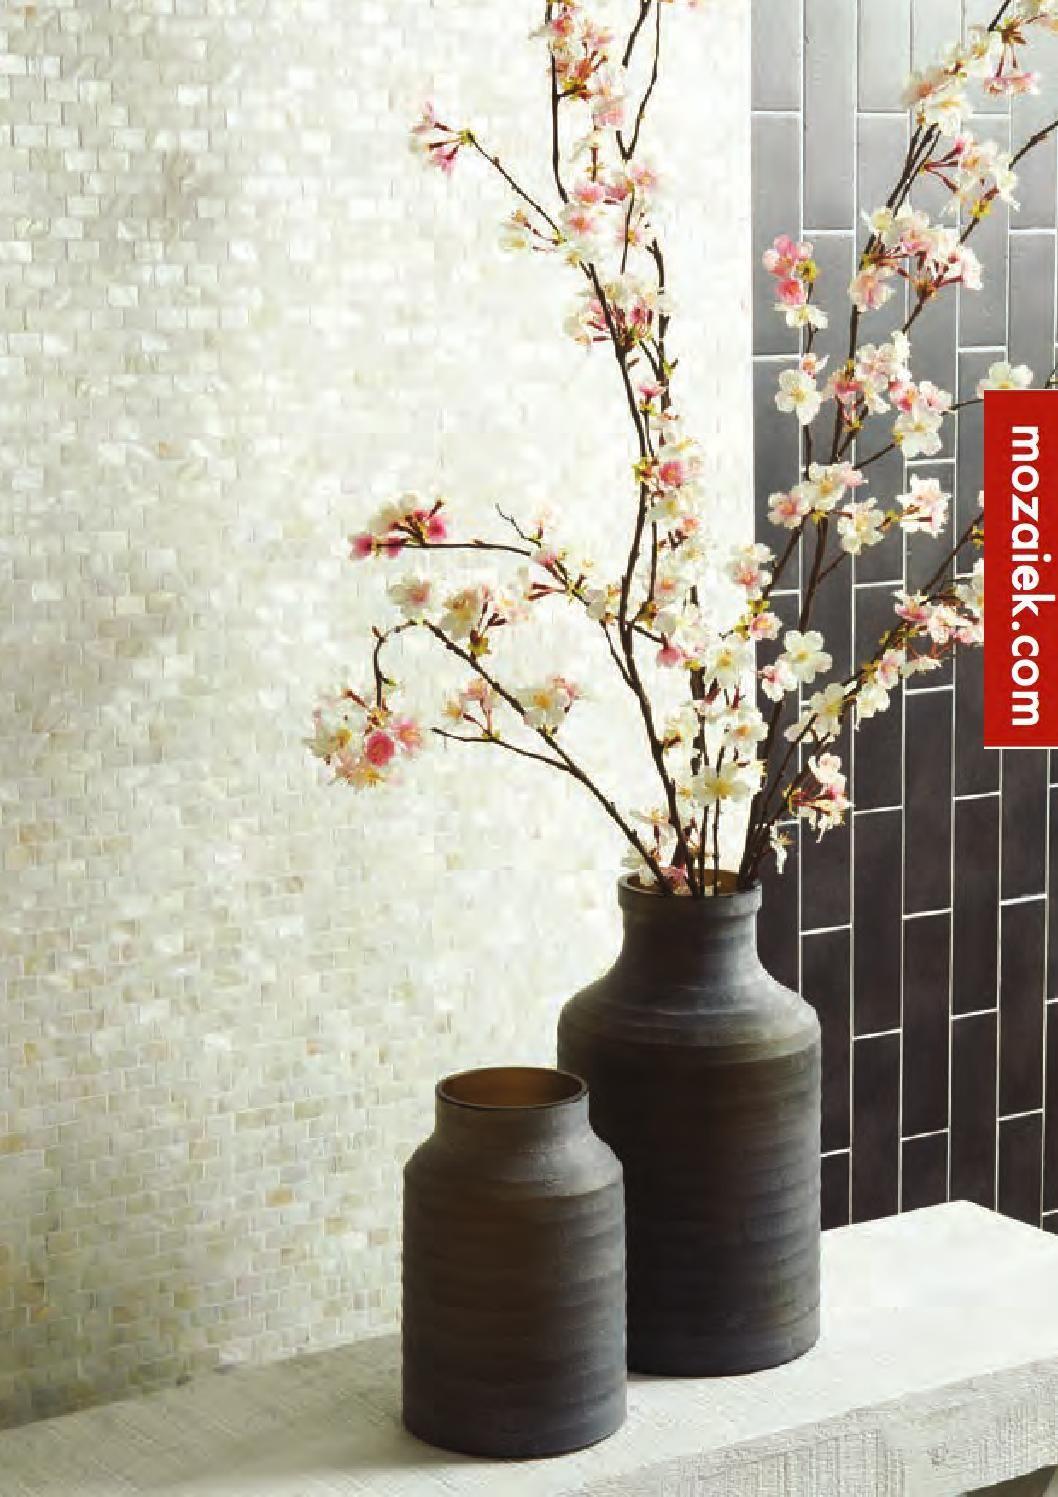 mozaà eken meer dan 500 soorten glitter badkamer en met